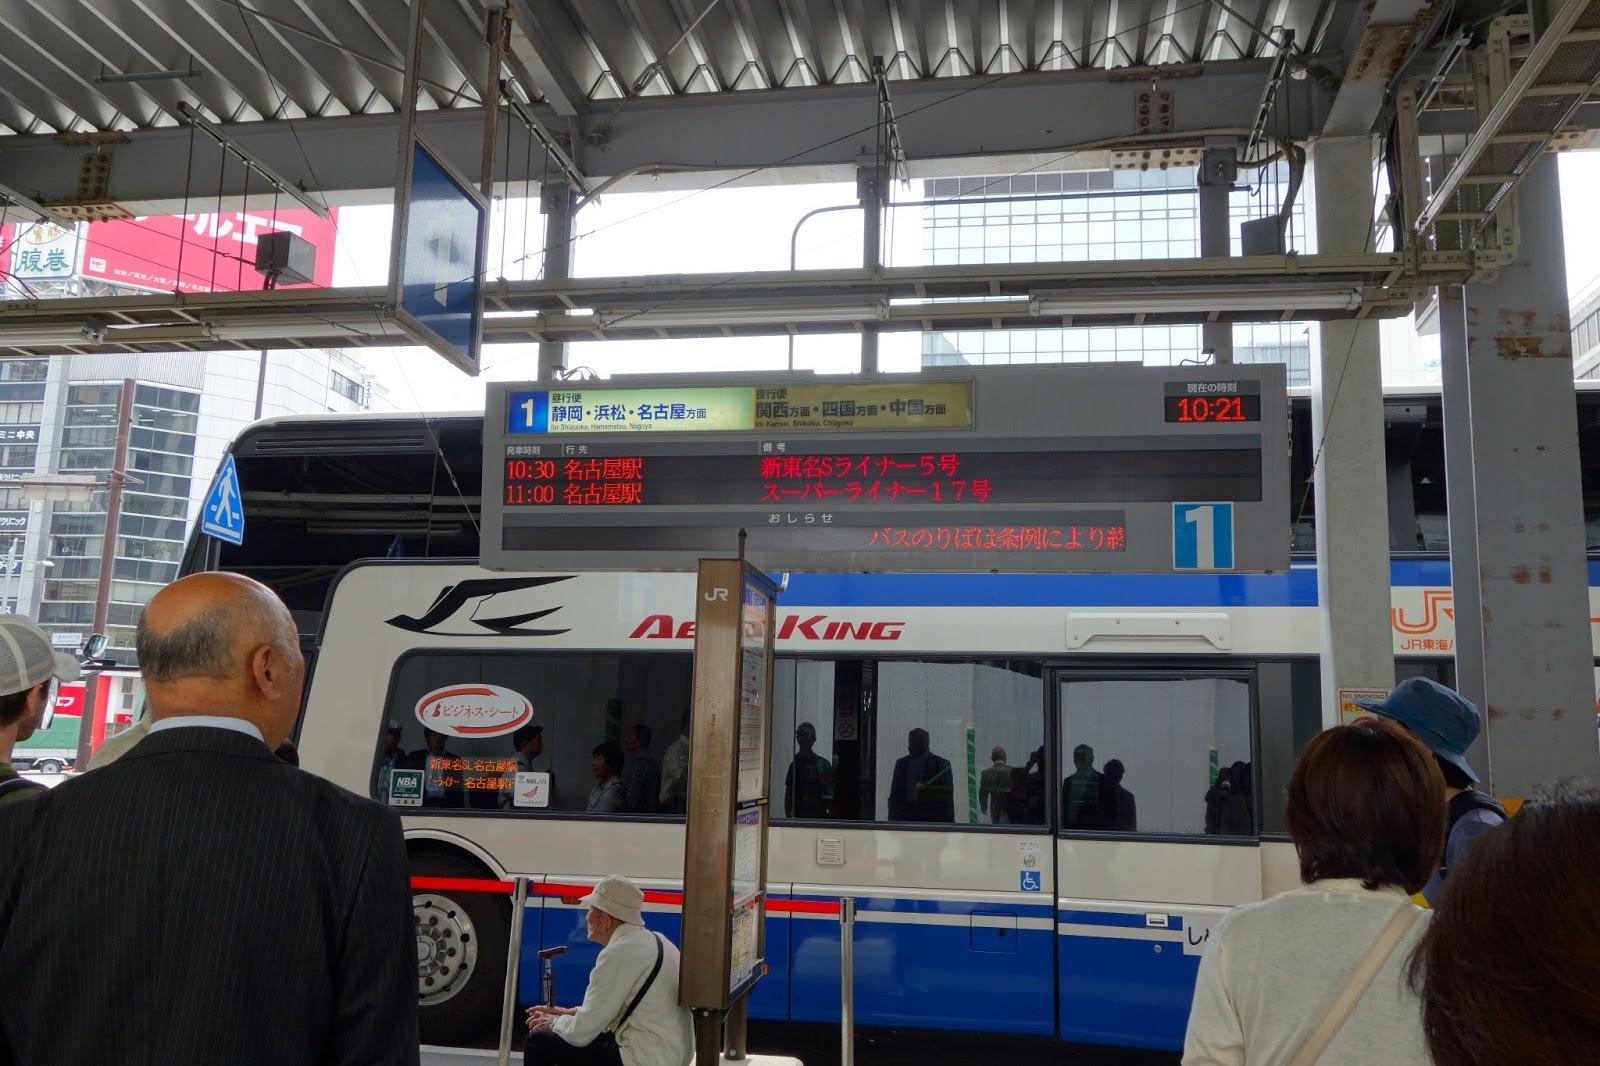 東京 - 名古屋の高速バス・夜行バス予約 【公式 …